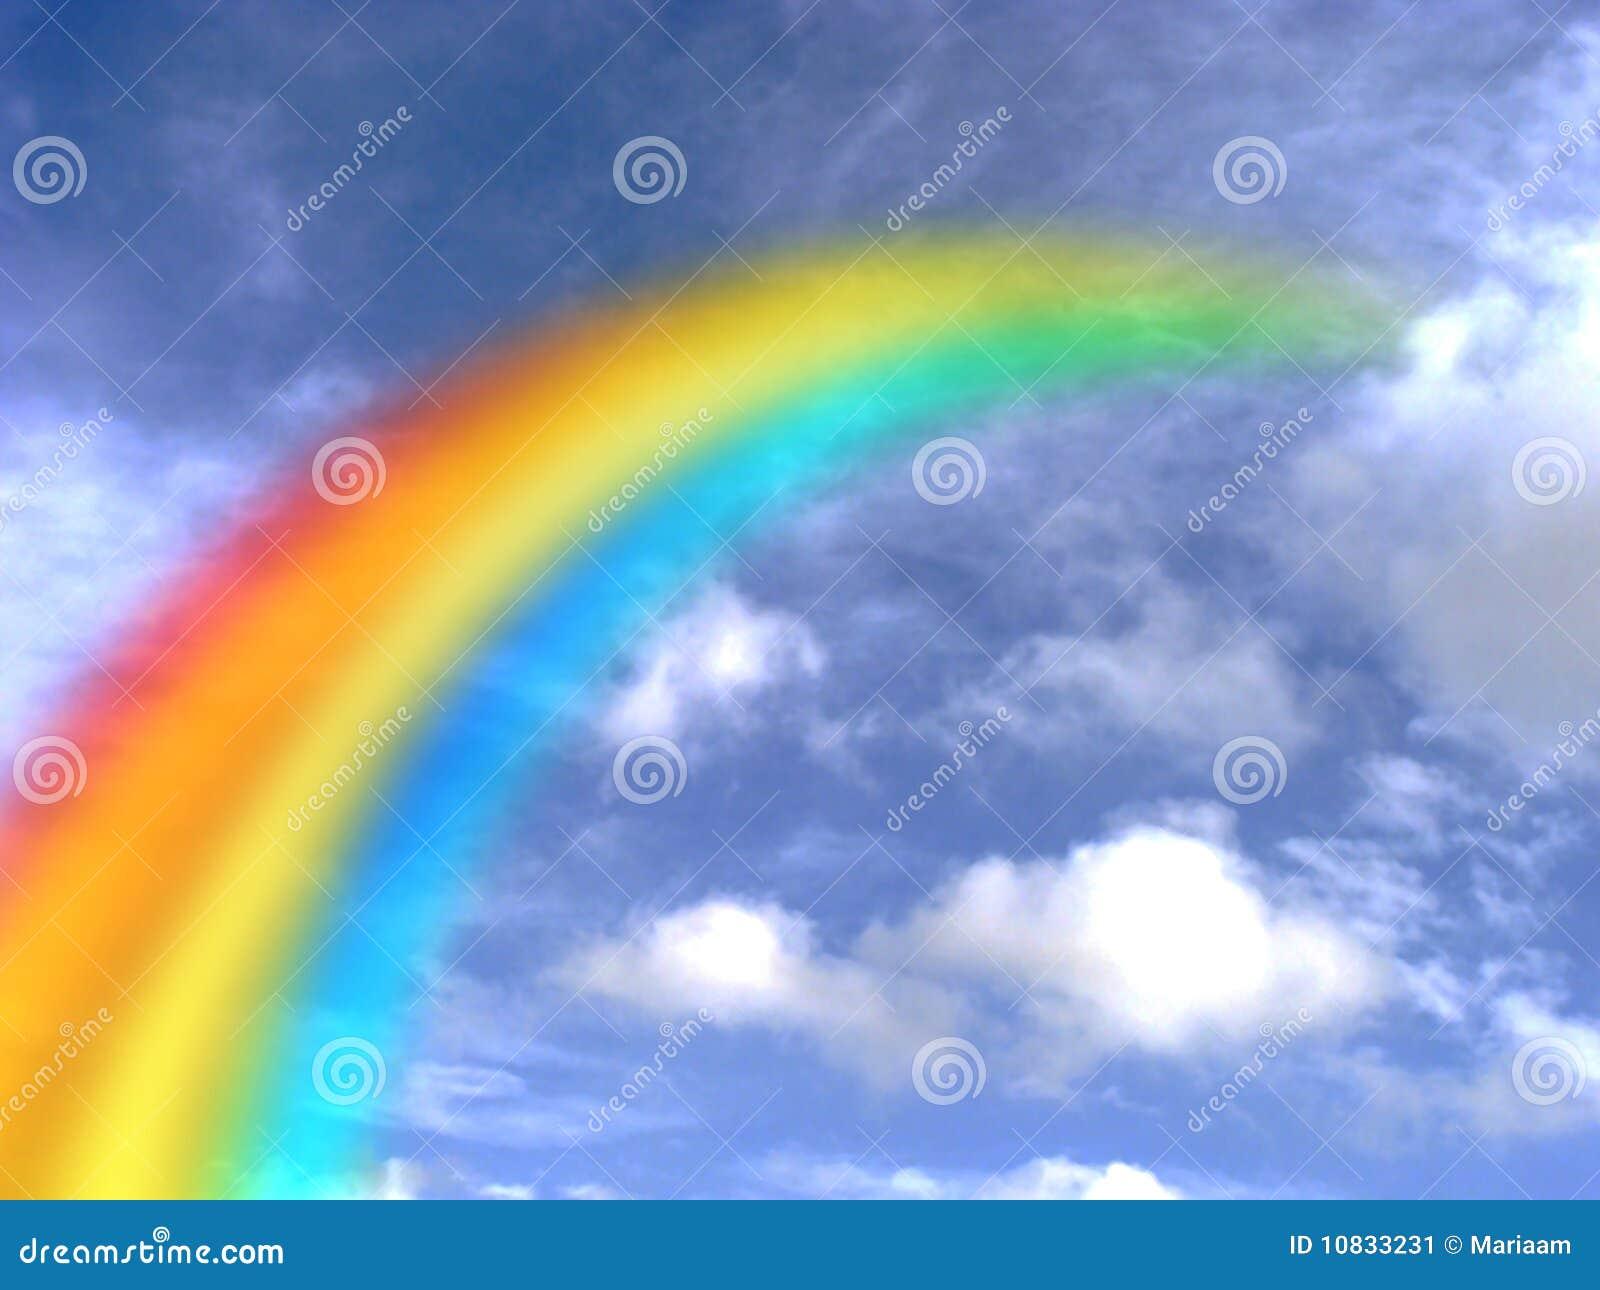 Stock afbeelding: regenboog in de hemel